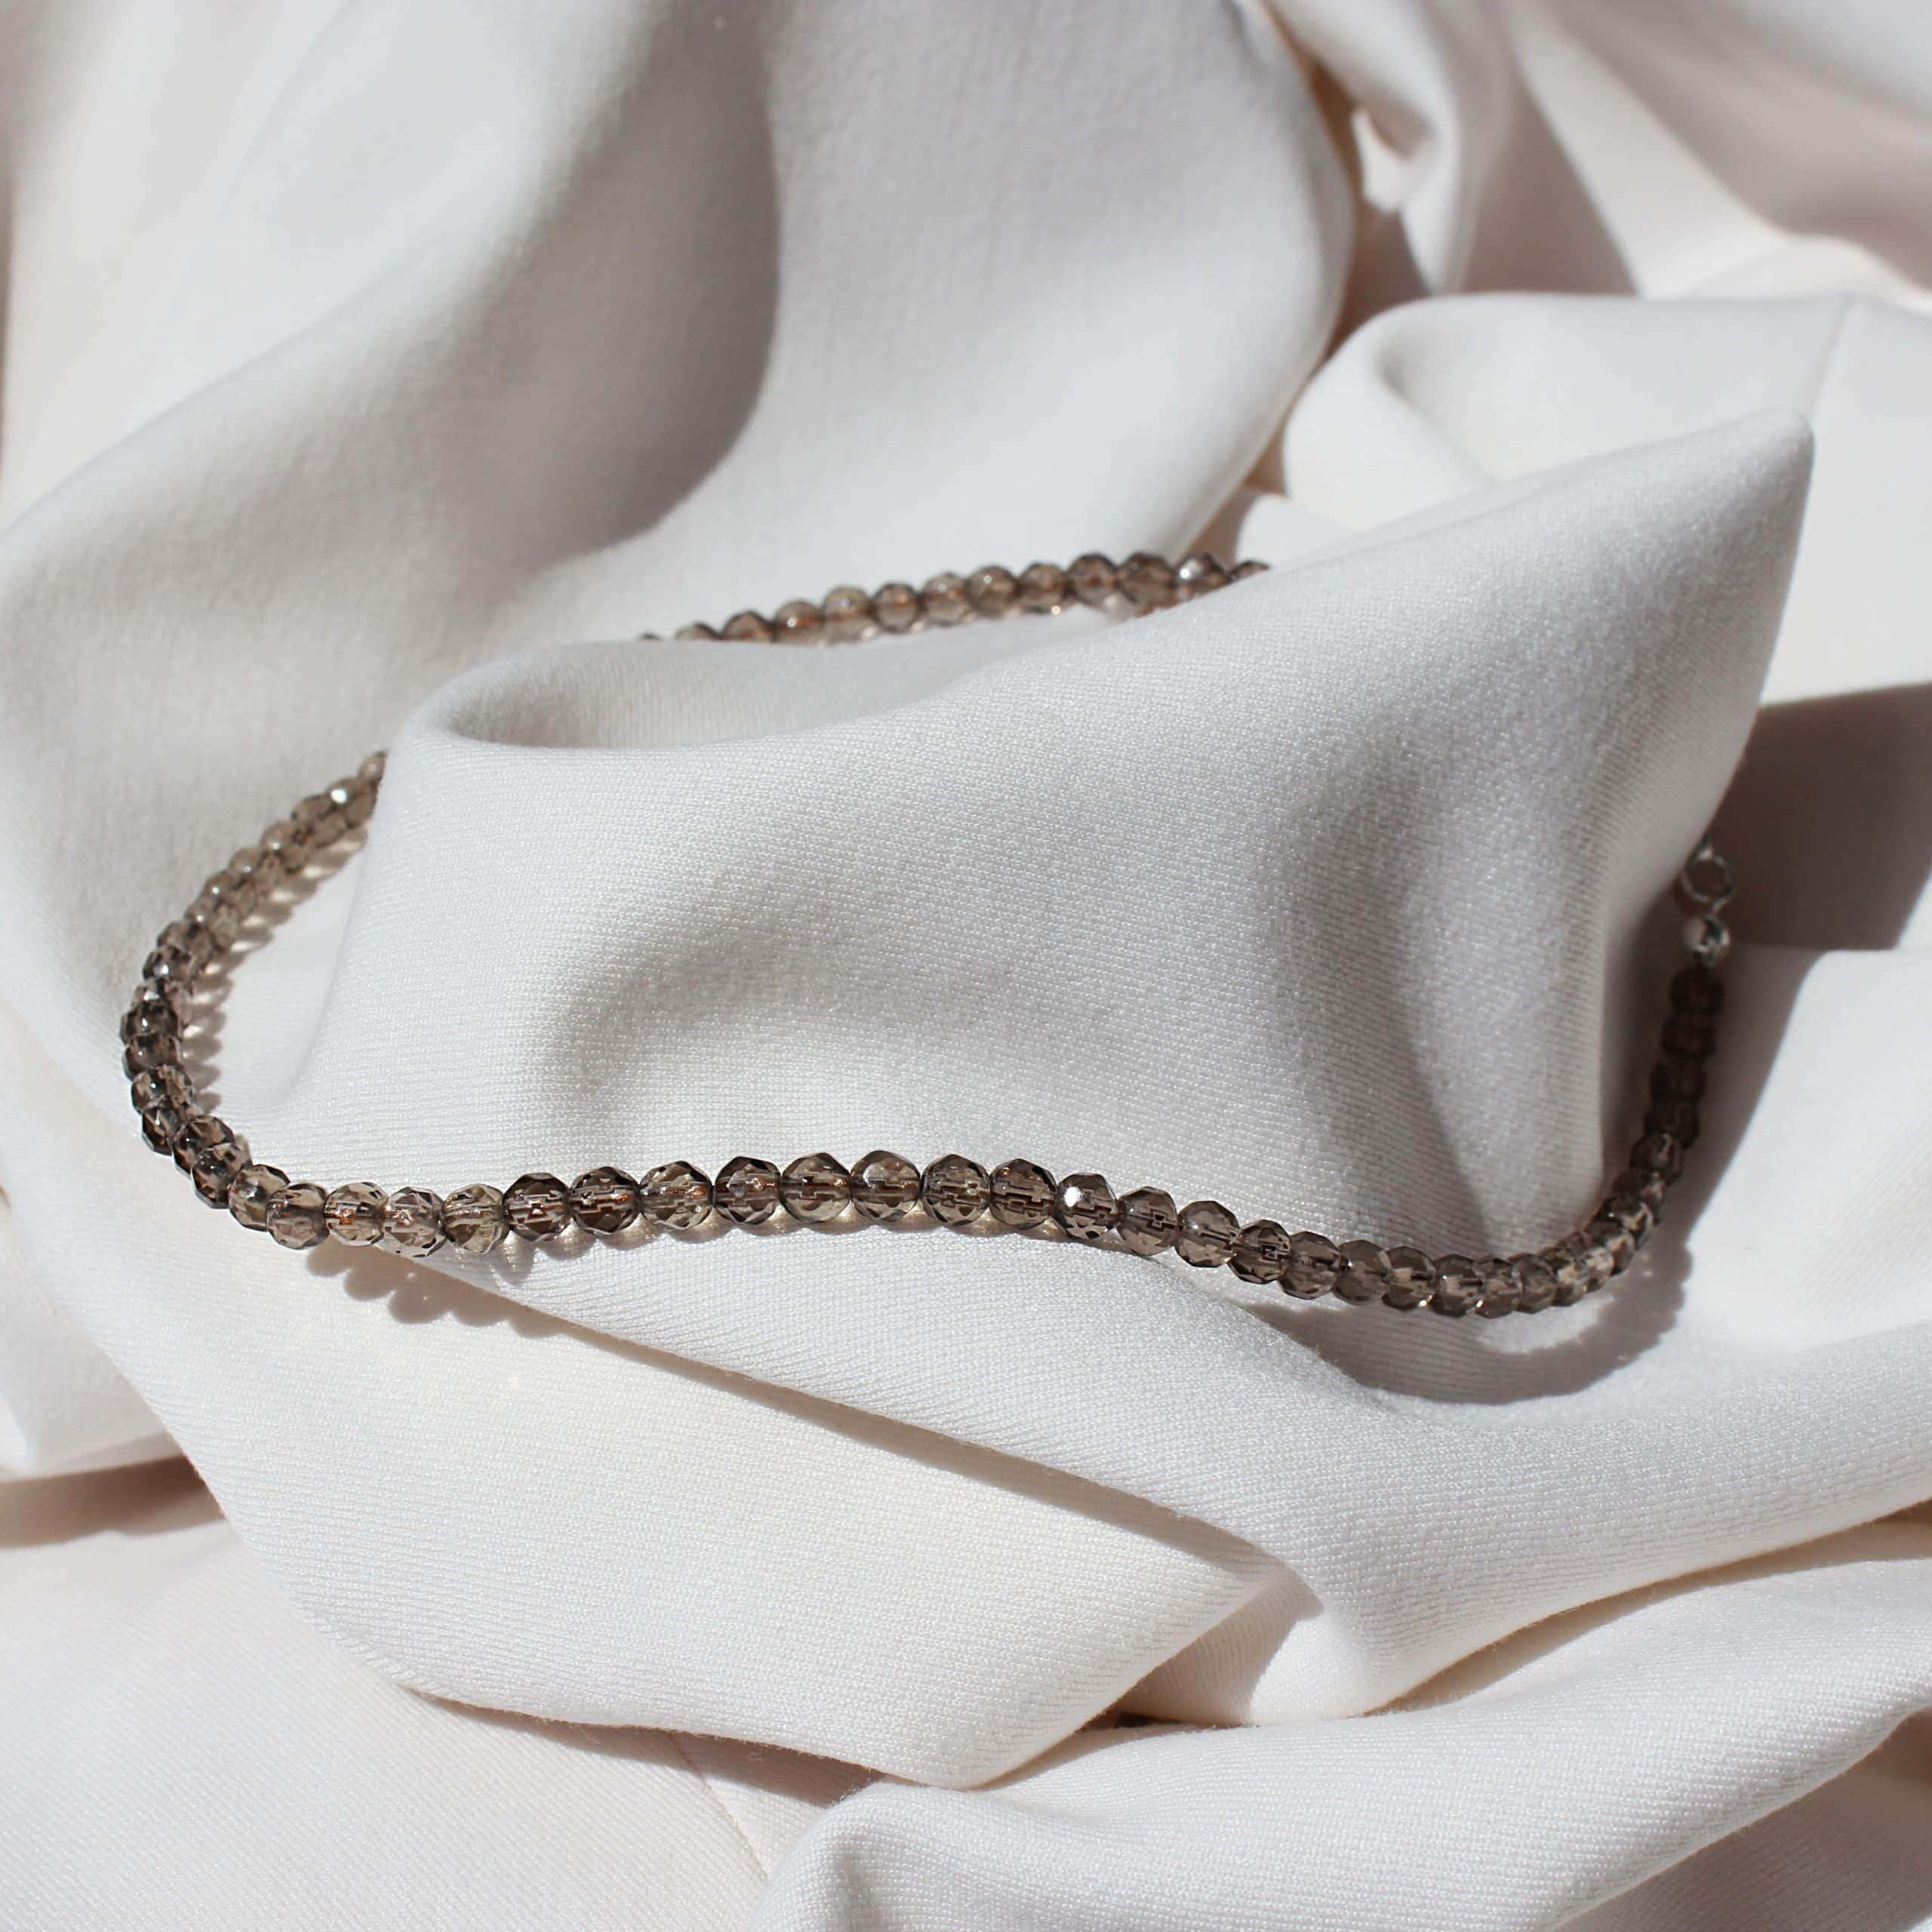 Brązowy choker na szyje z naturalnych kamieni szlachetnych na jasnym materiale.